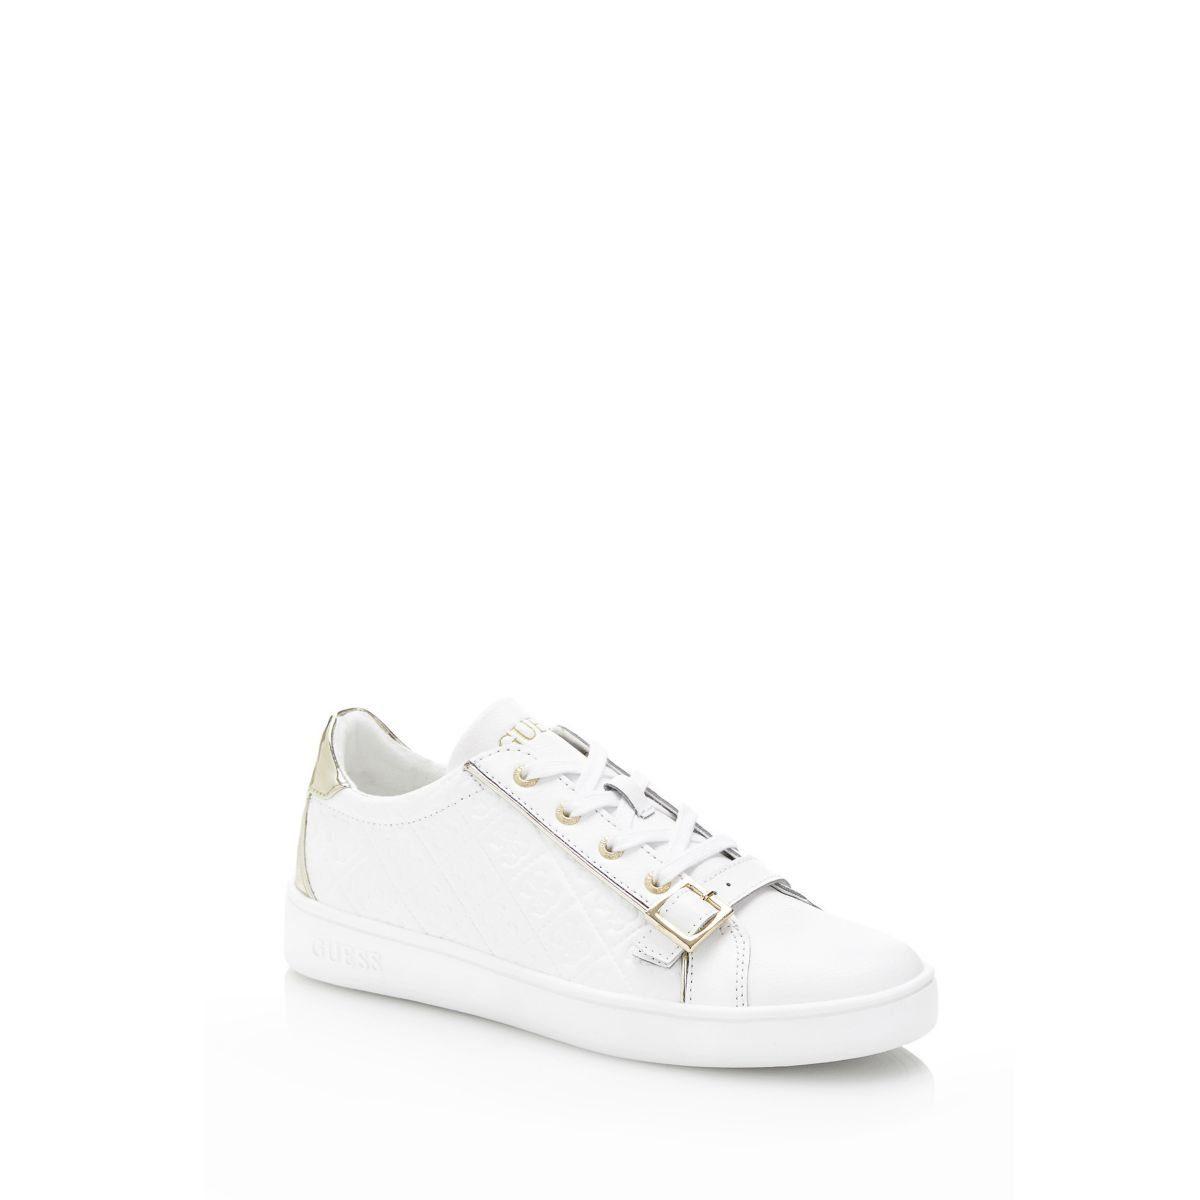 Guess Sneaker online kaufen  weiß